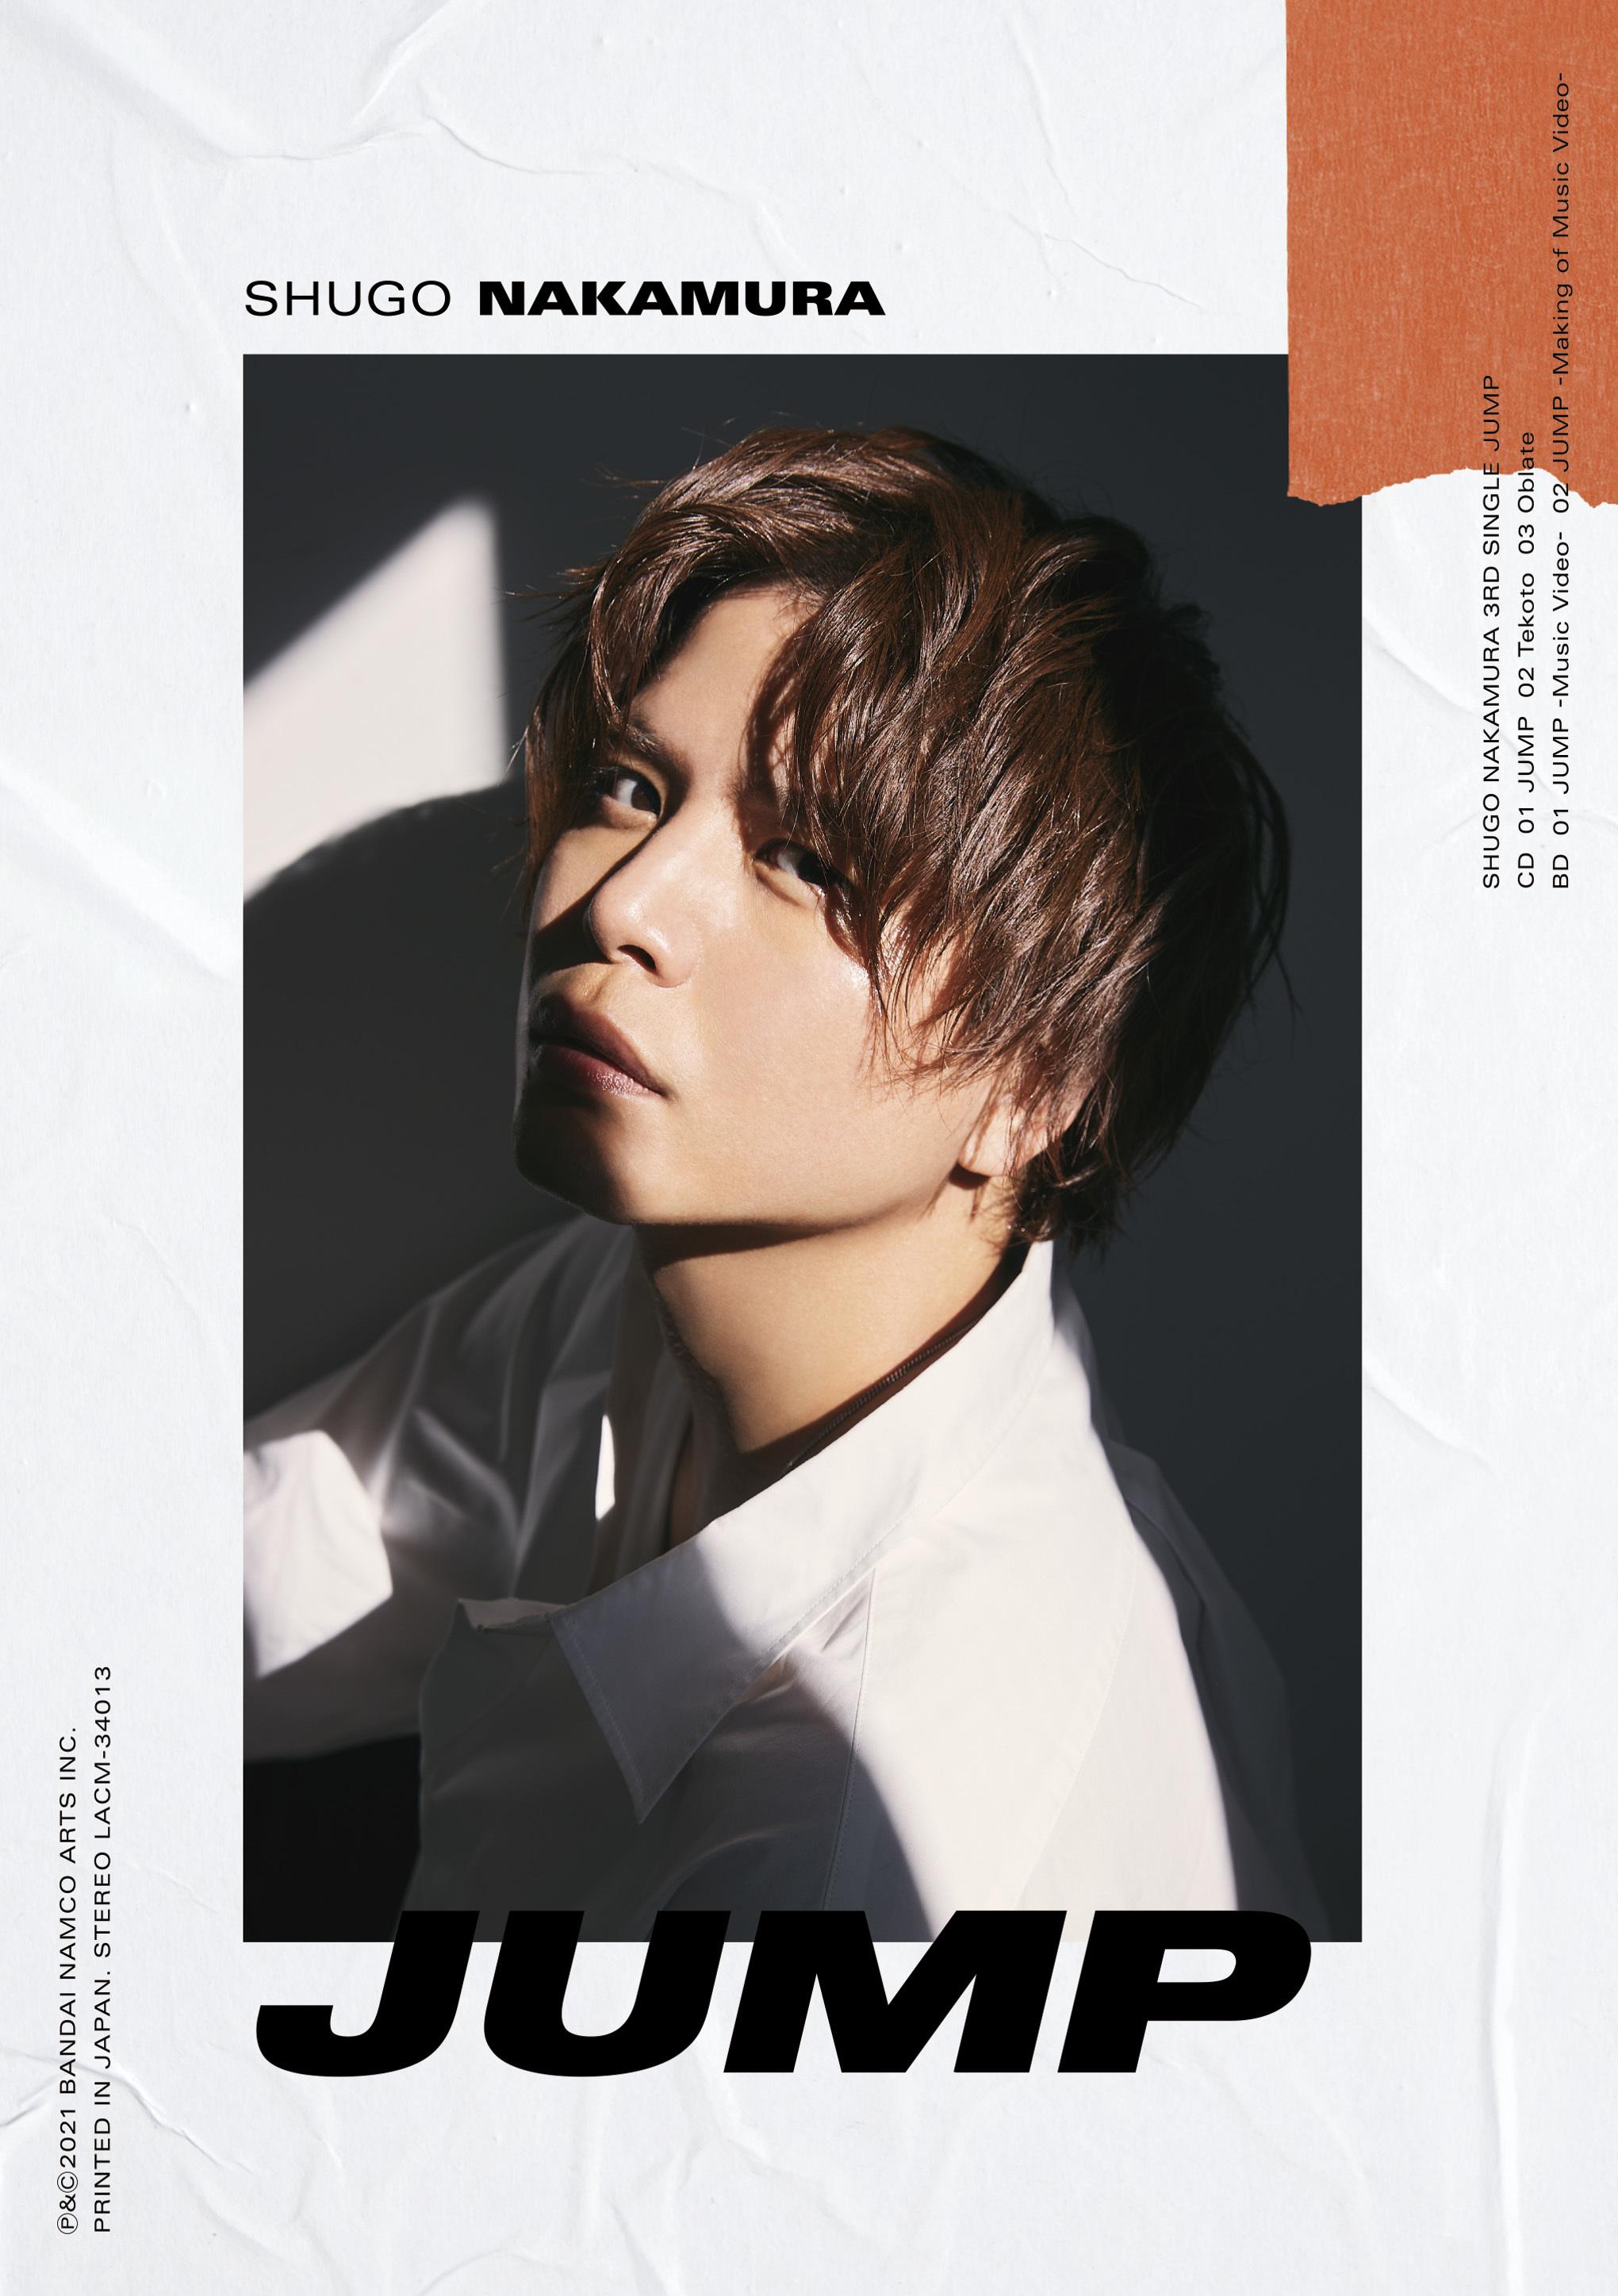 初回限定盤(CD+BD+56Pフォトブック) LACM-34013 / ¥2,800(税抜)